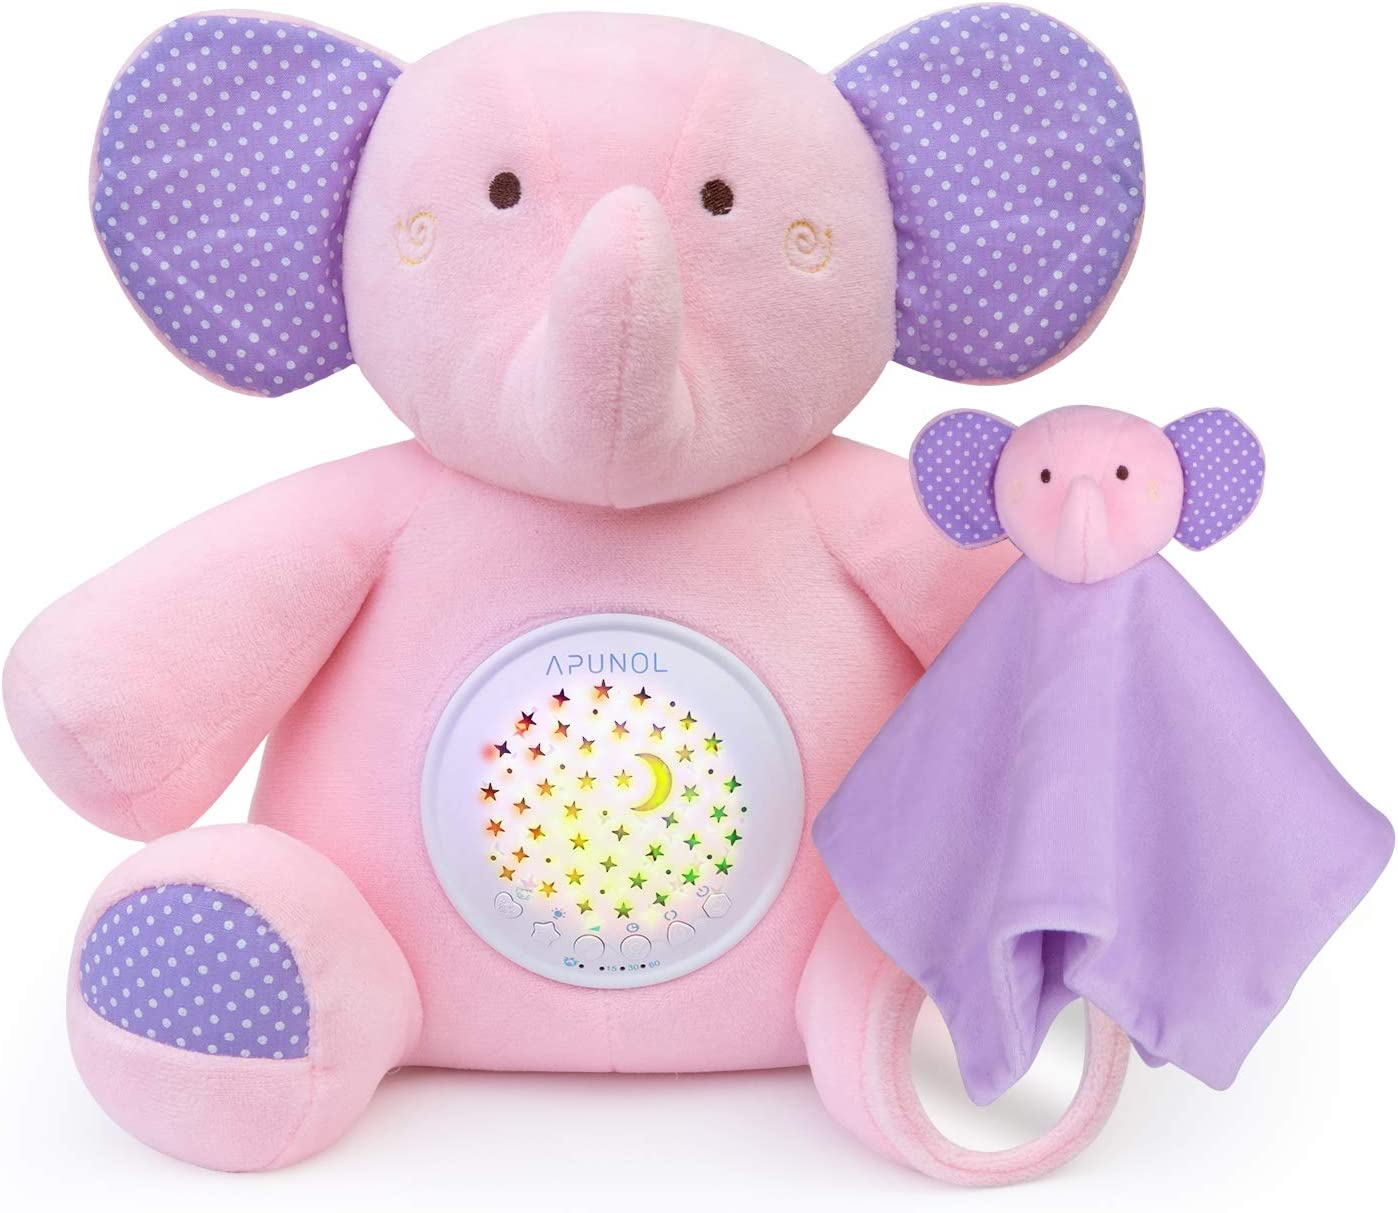 APUNOL Peluche Bebés Musical, Recargable Proyector Bebes Luces y Musica Juguete Elefante regalos para bebes recien nacidos con Chupete para dormer, Sensor de llanto y 18 Canciones de Cuna